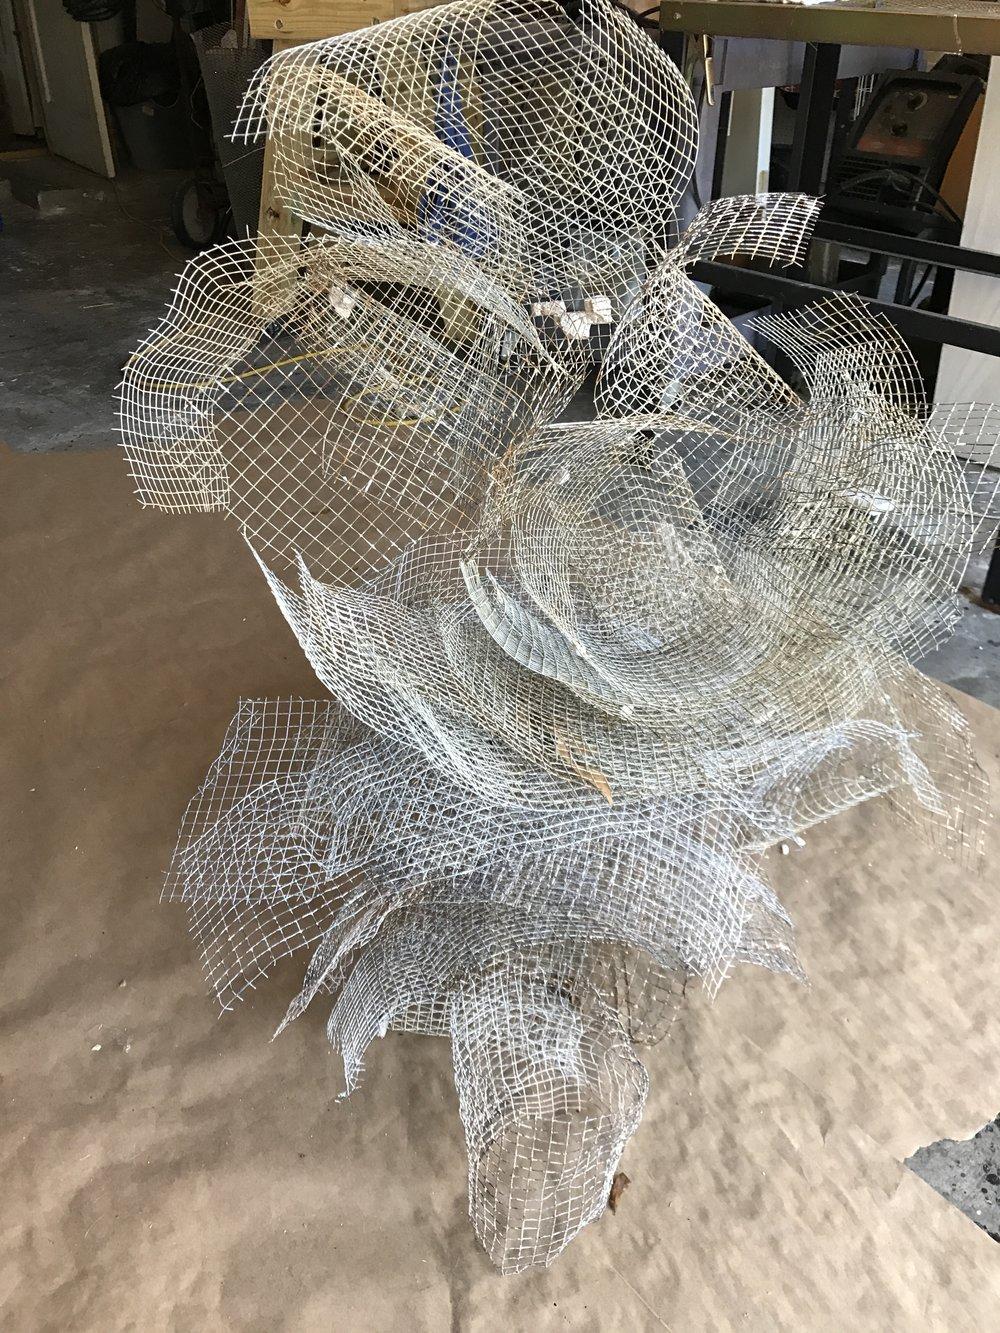 Chicken wire pigeon left in my garage. - basically it sculpt it's self.